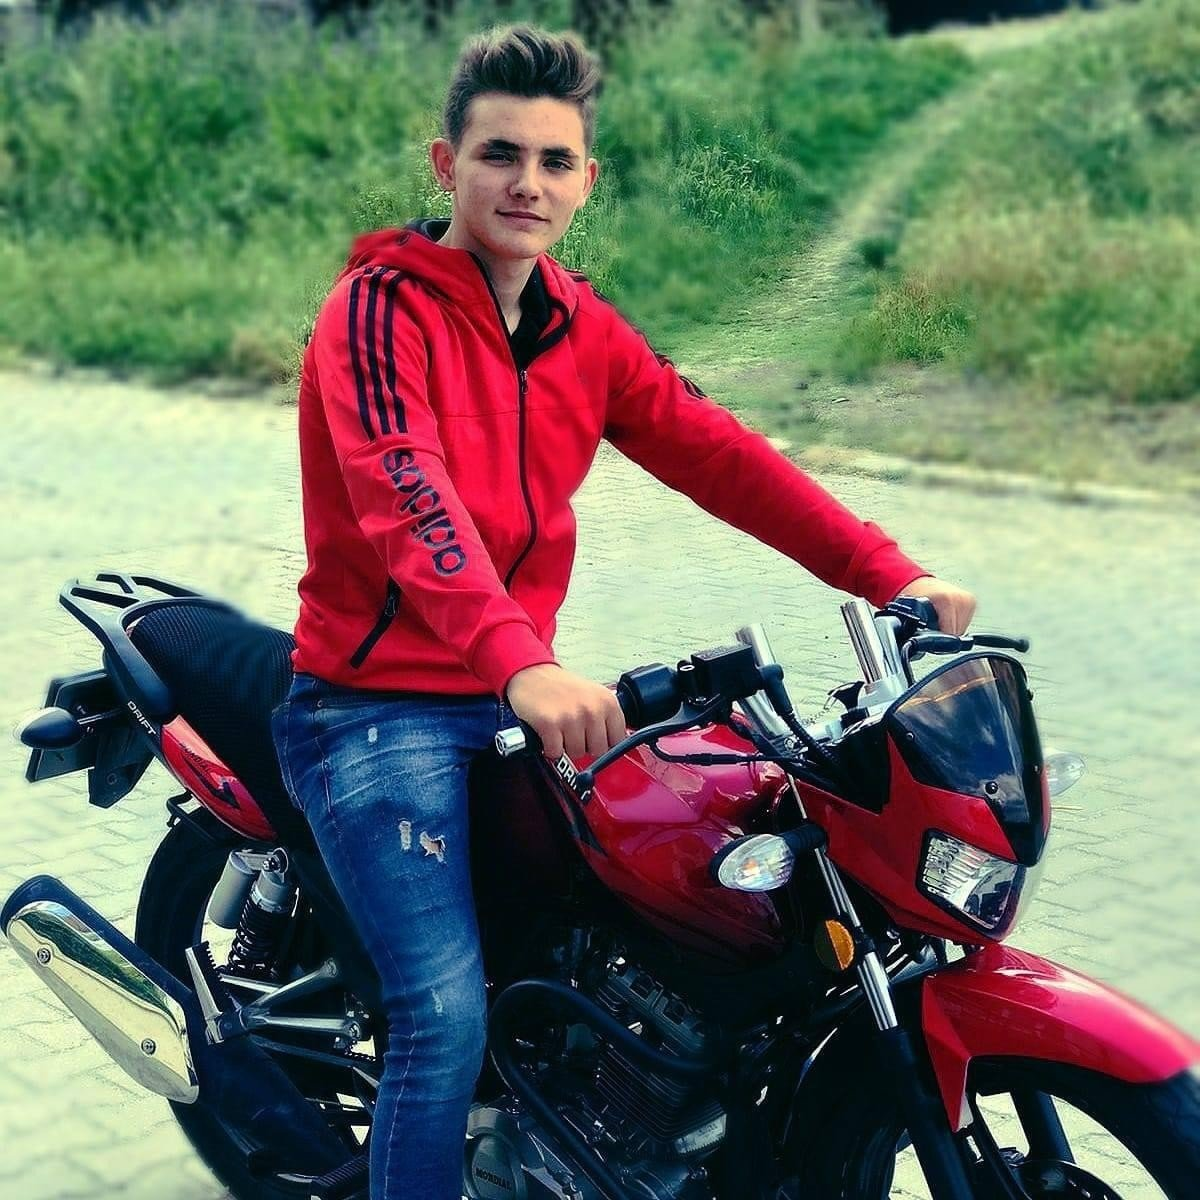 Edirne'de 17 yaşındaki motosiklet sürücüsü kazada öldü #3